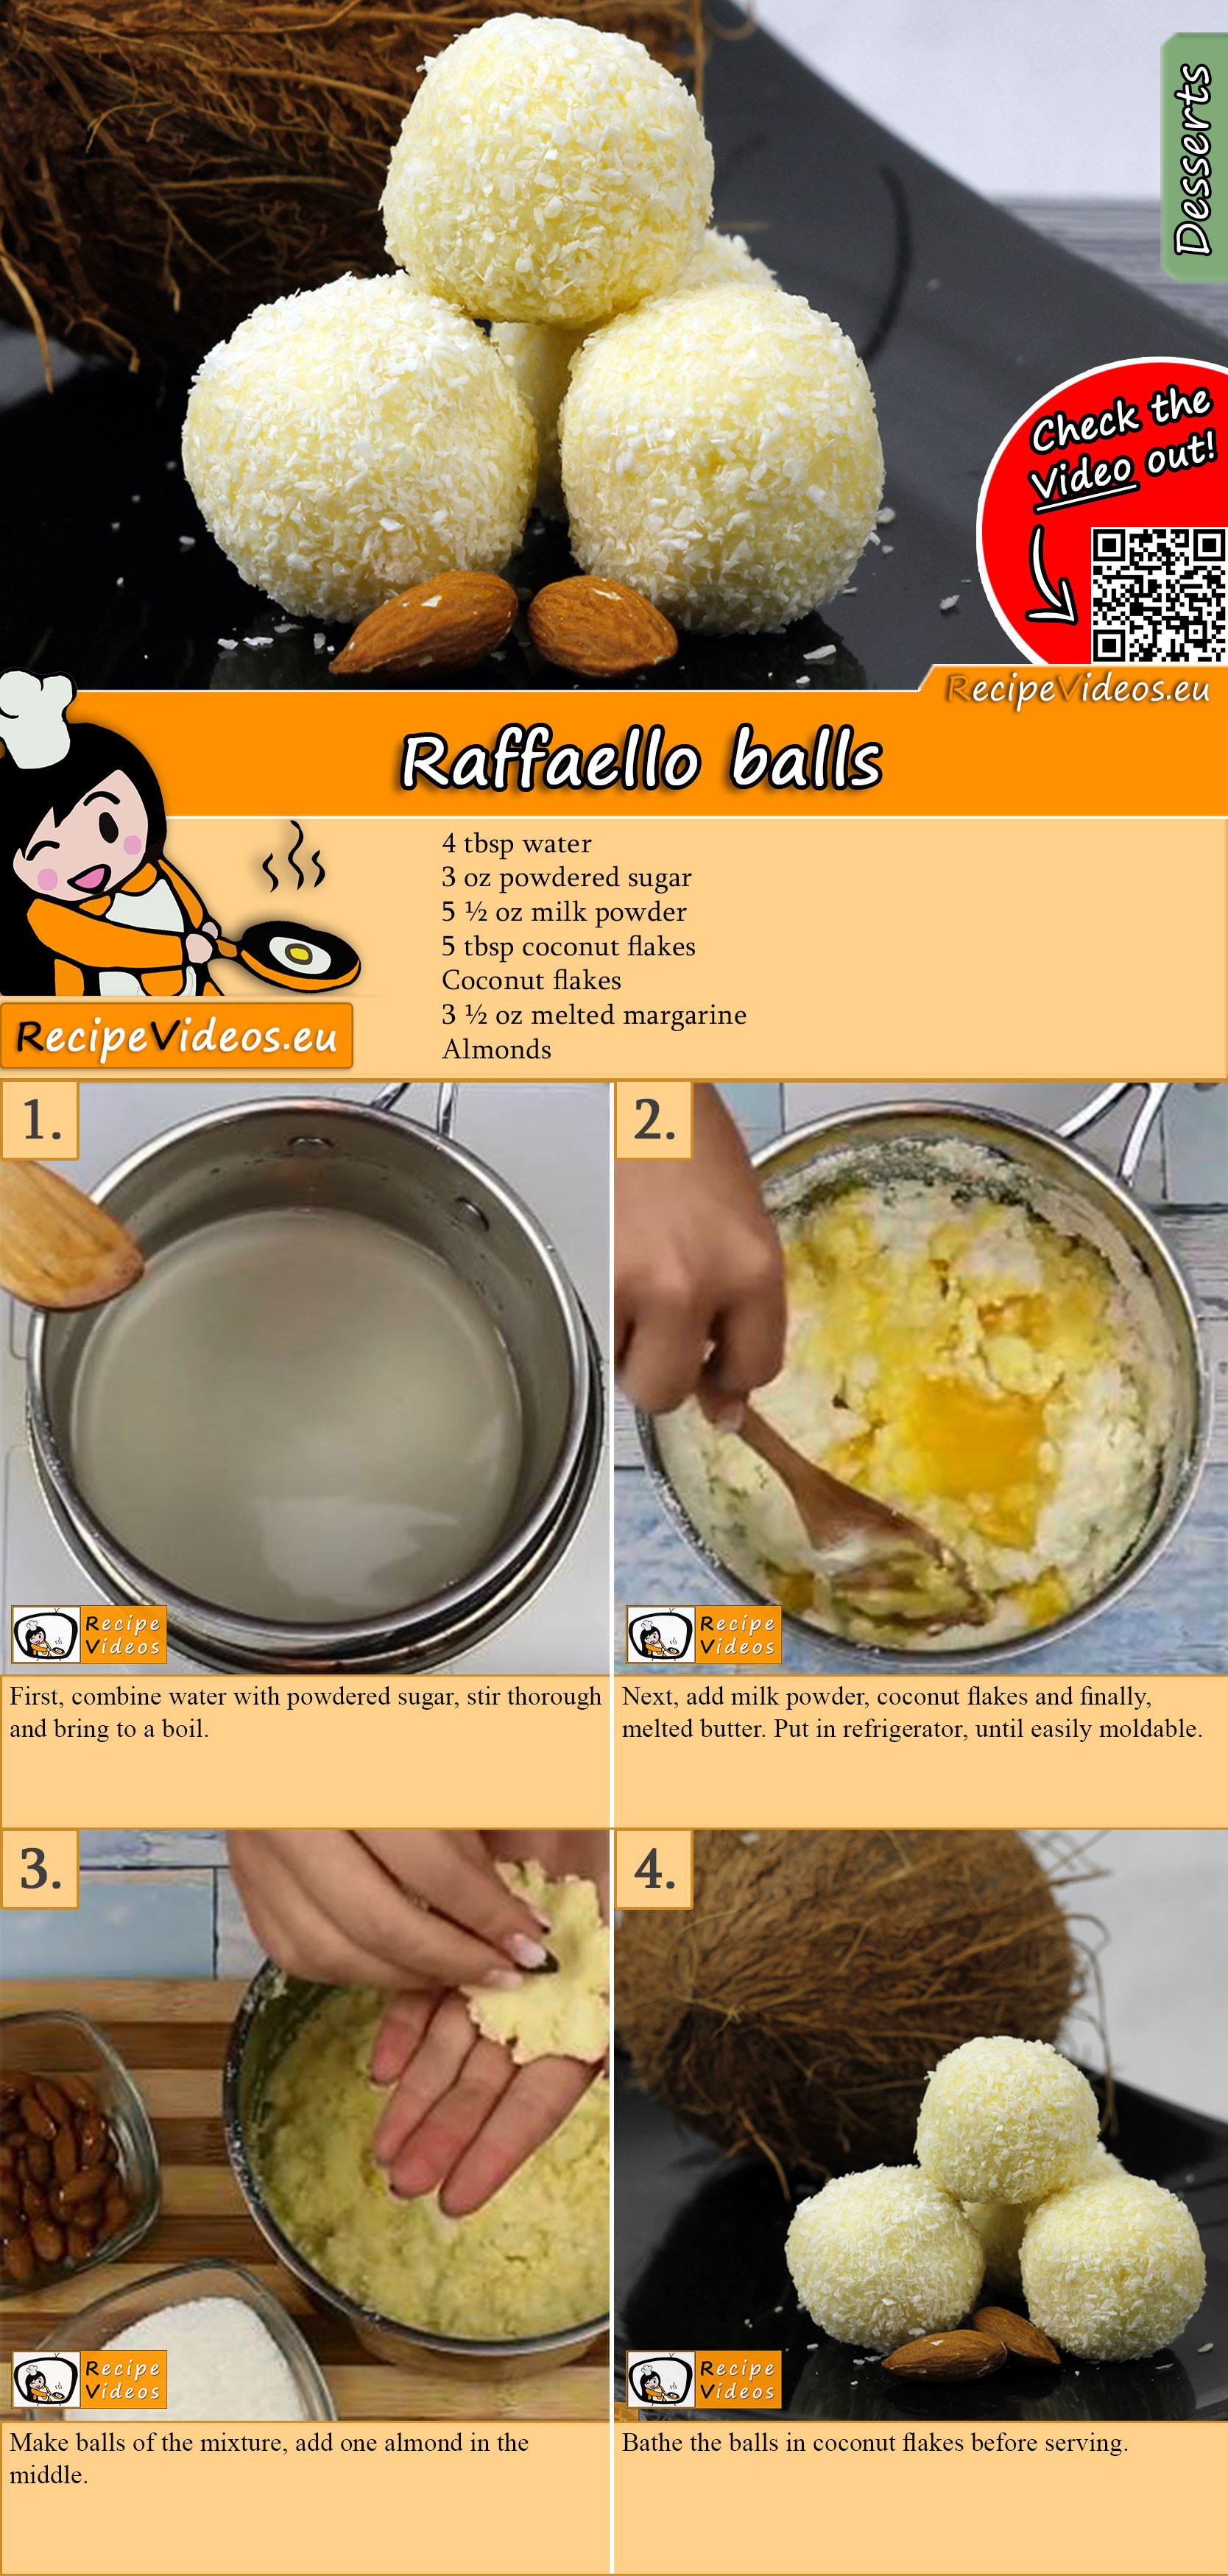 Raffaello balls recipe with video